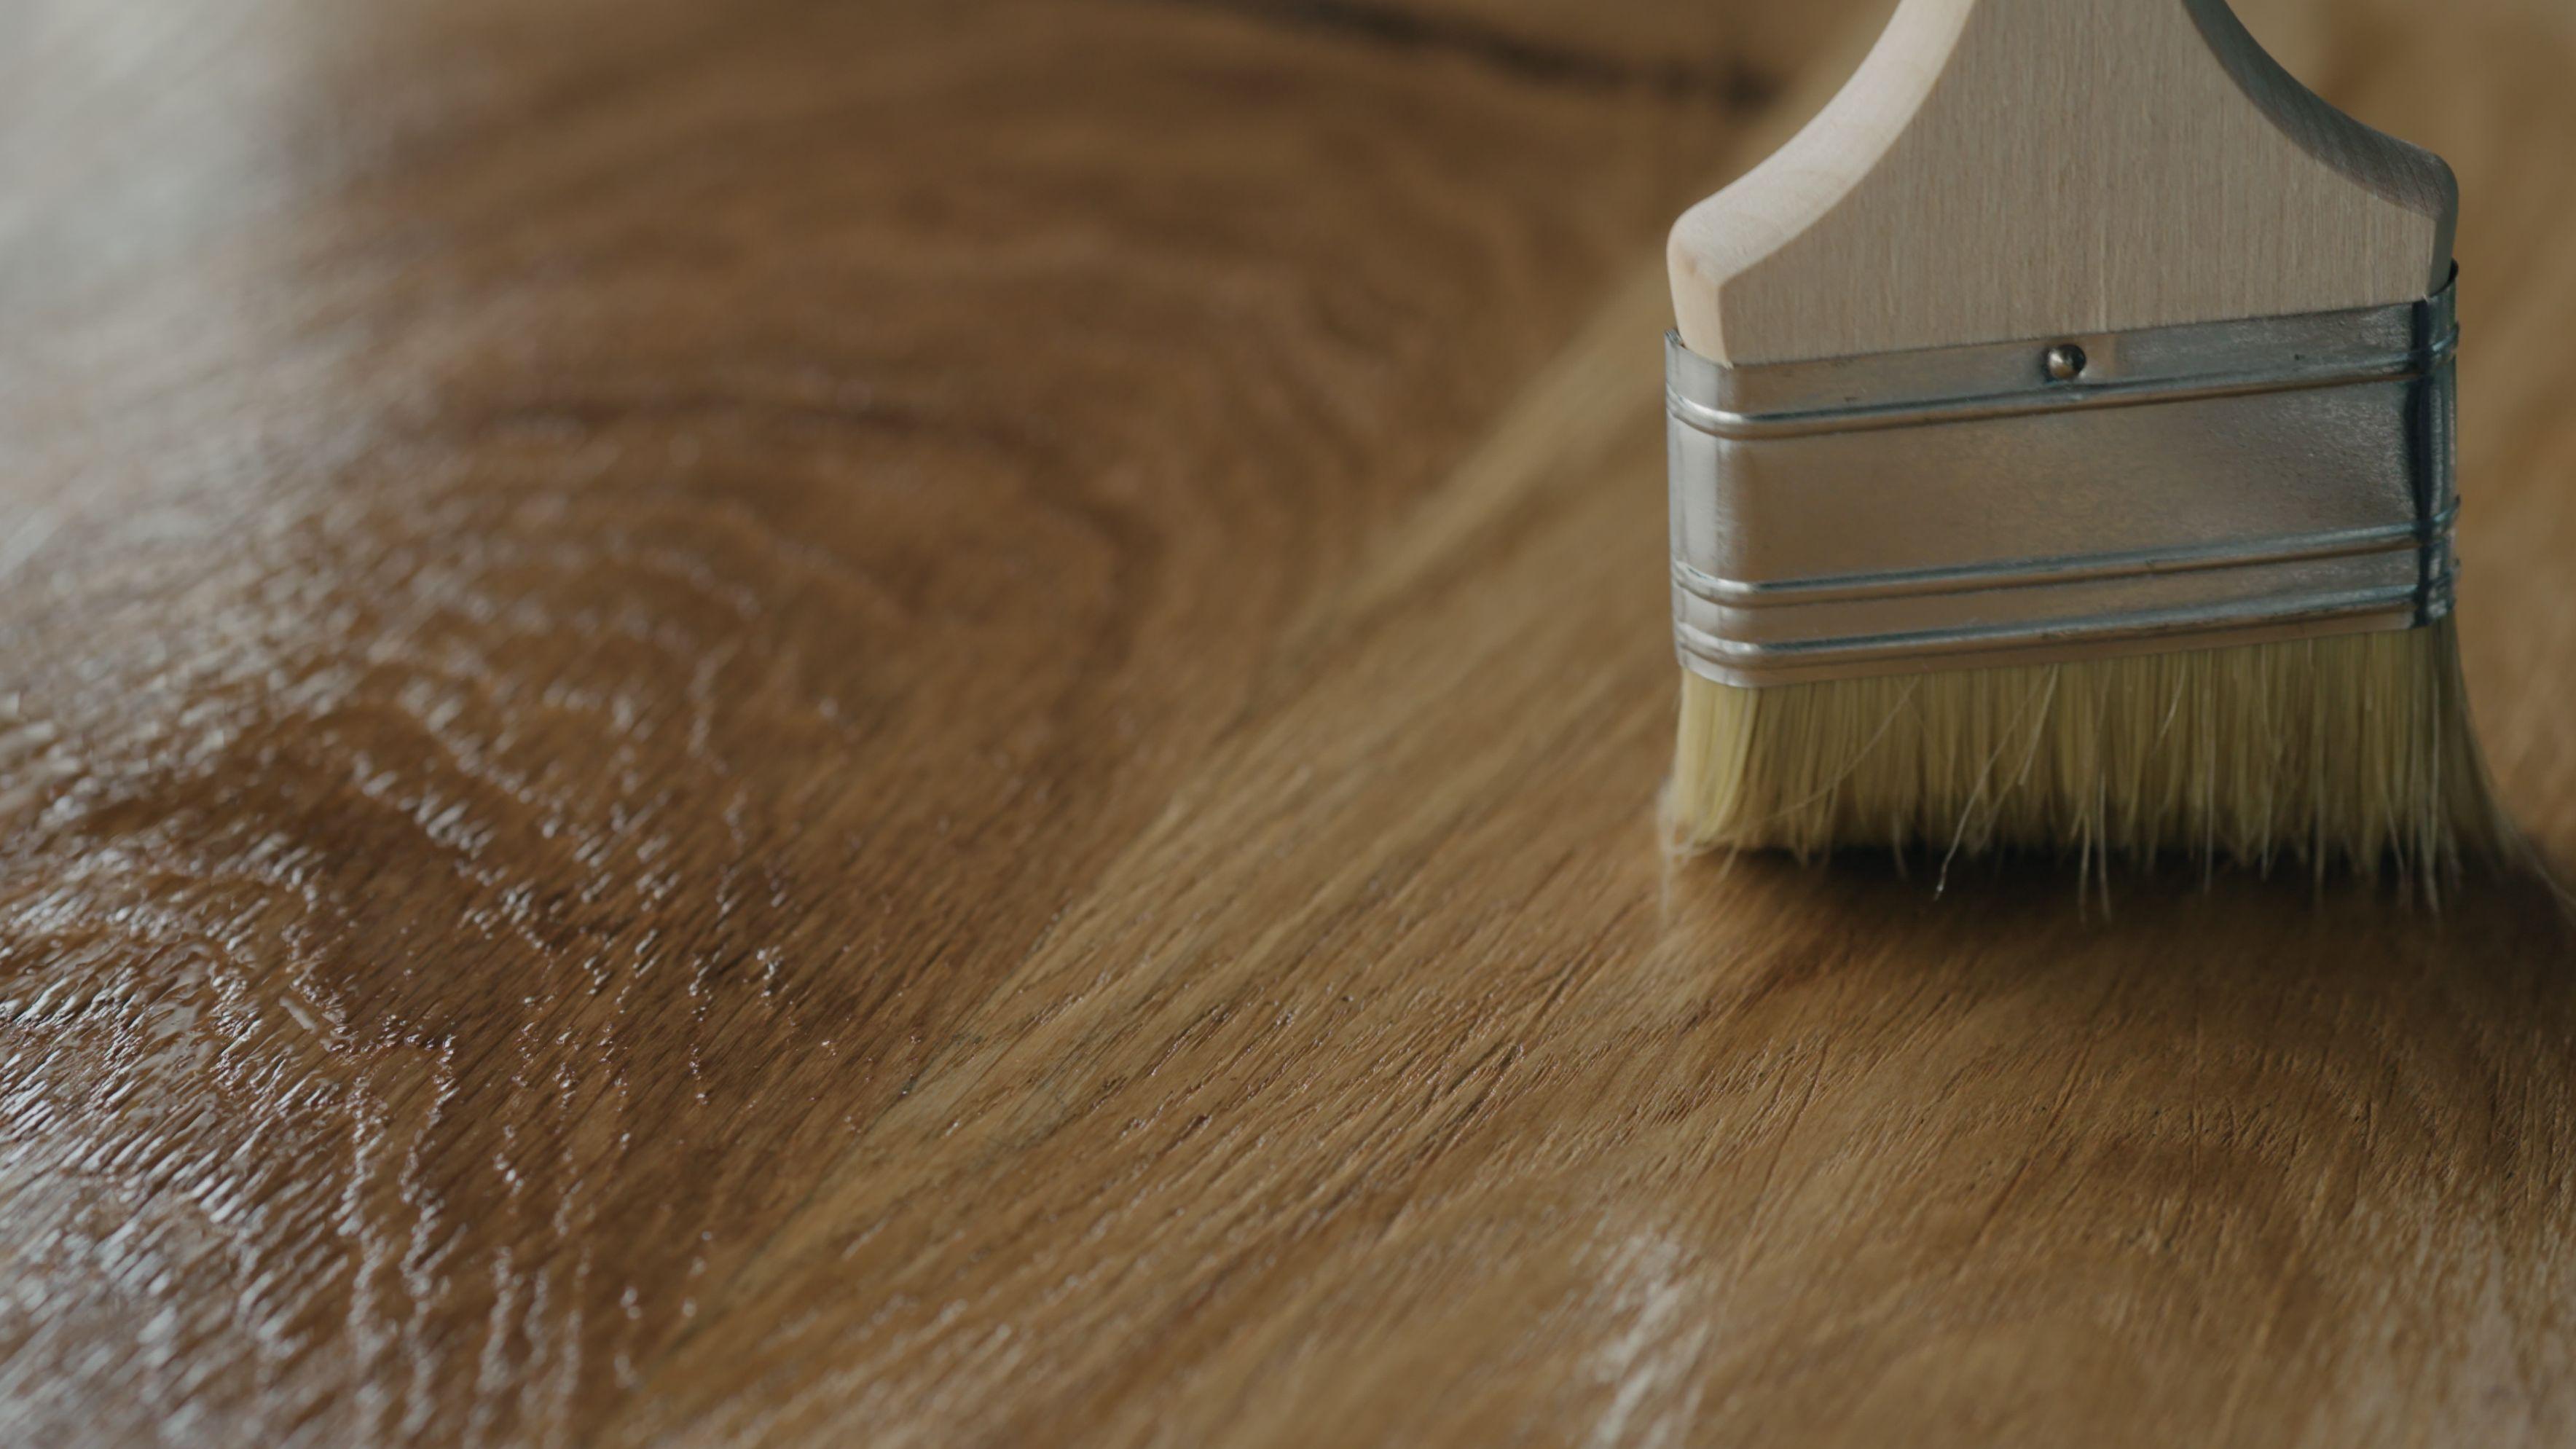 Comment choisir un vernis pour meuble et objet en bois ?